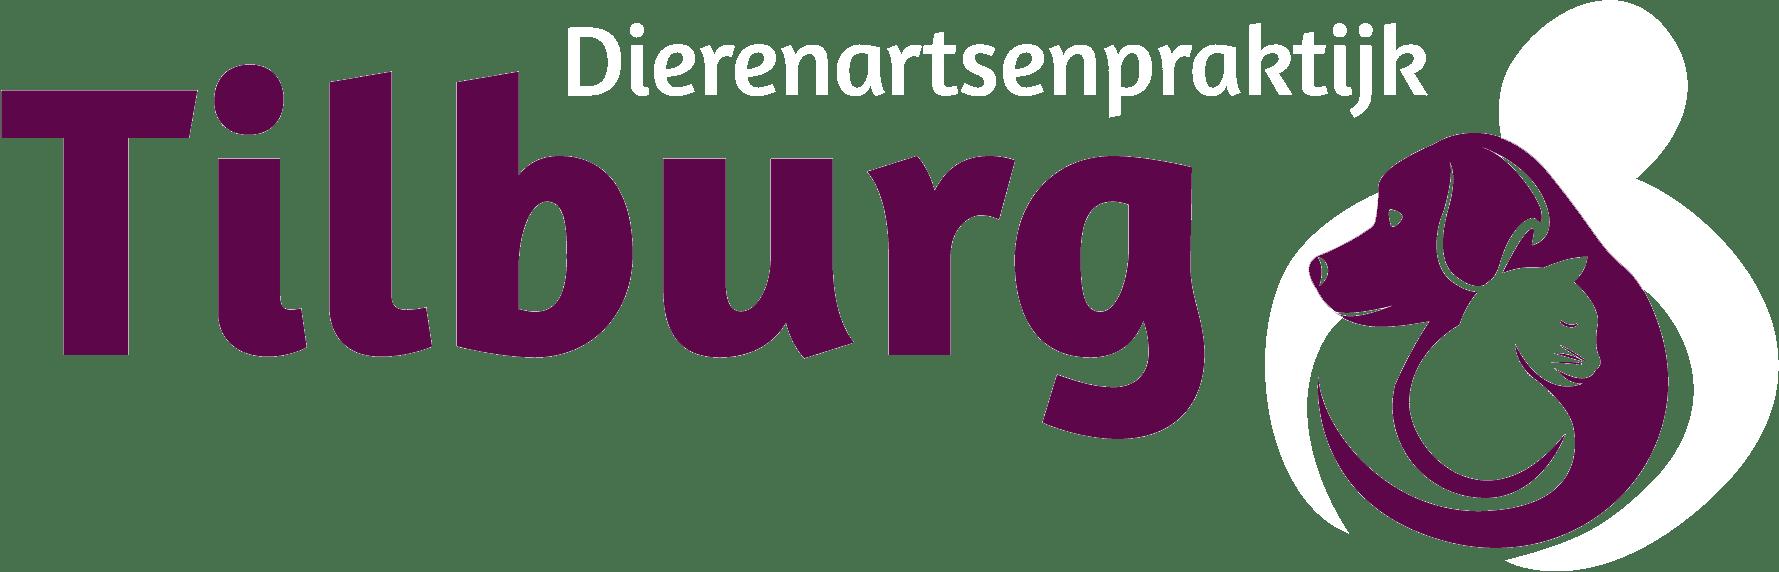 2017-11-17-dierenartsenpraktijk-Tilburg-logo_Full-Color_DEF-002.png 10-55-40-516.home.logo.wit